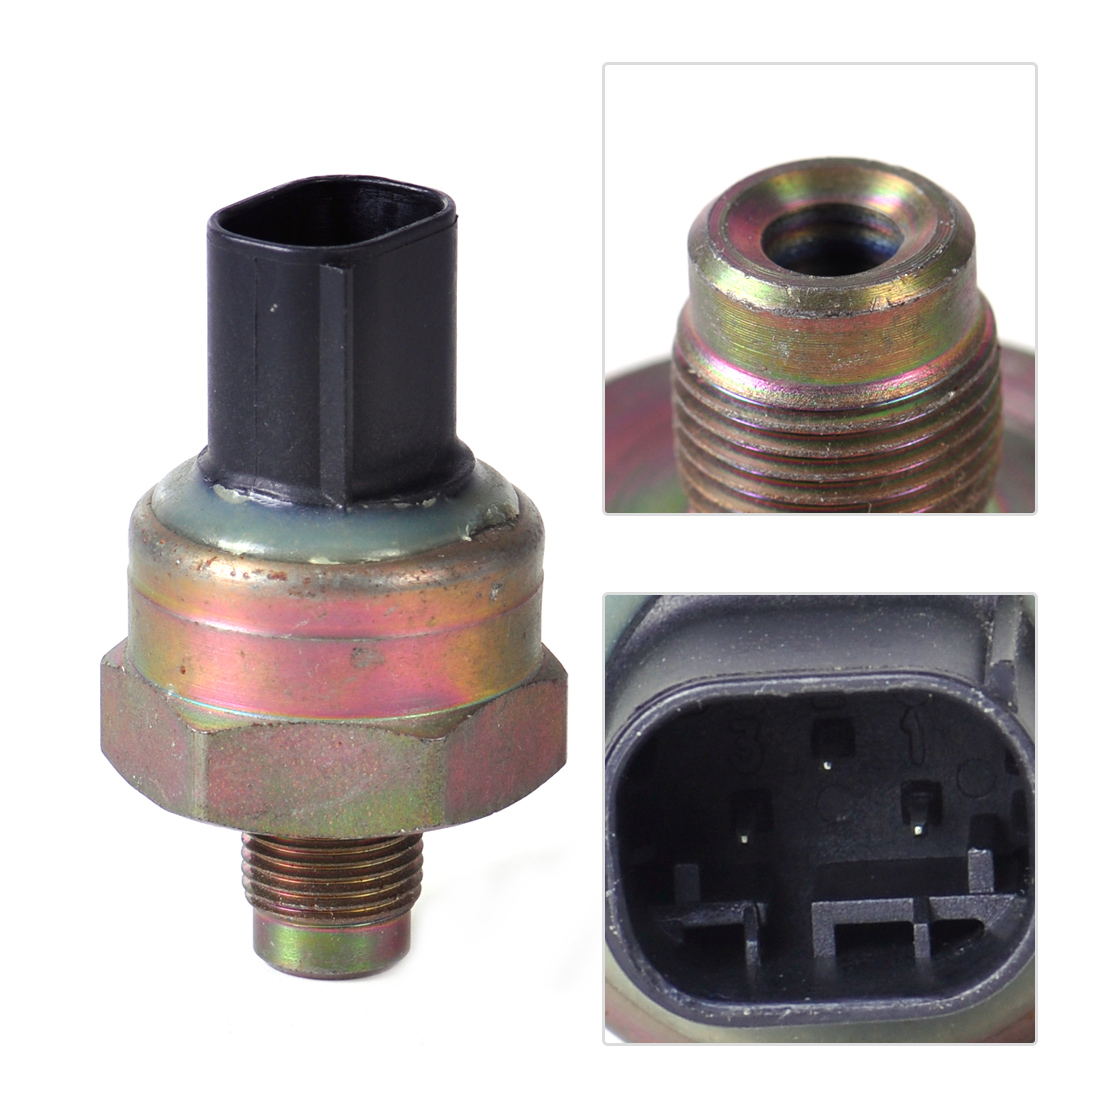 Gear Oil Pressure Switch Sensor Car Pressure Switch Sensor for E46 E60 E61 E64 Z4 ABS DSC Pressure Sensor 34521164458